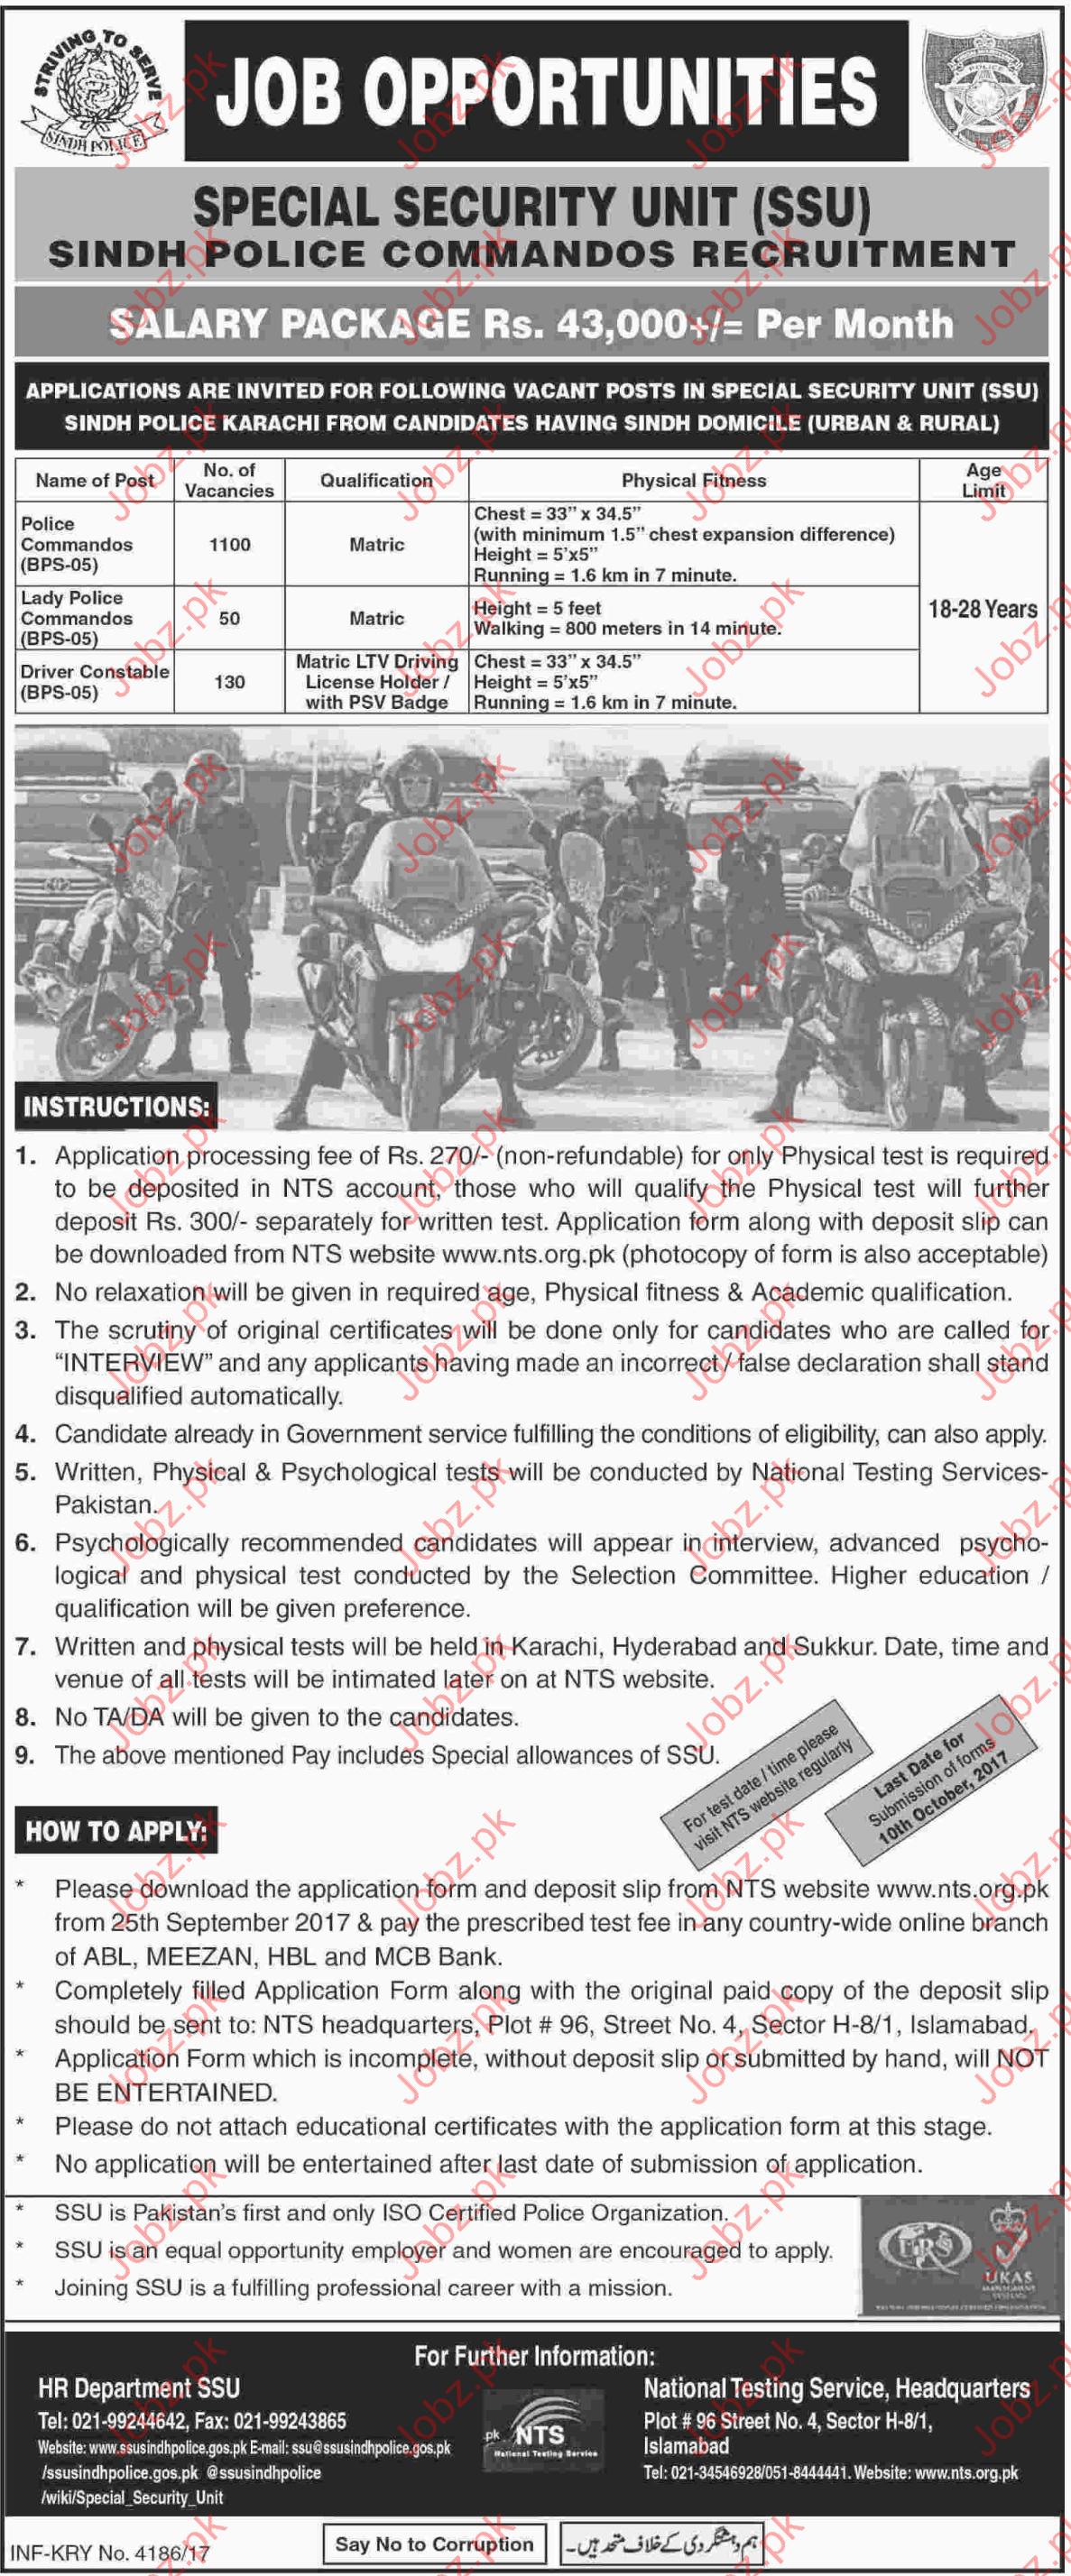 Special Security Unit SSU Required Police Commandos